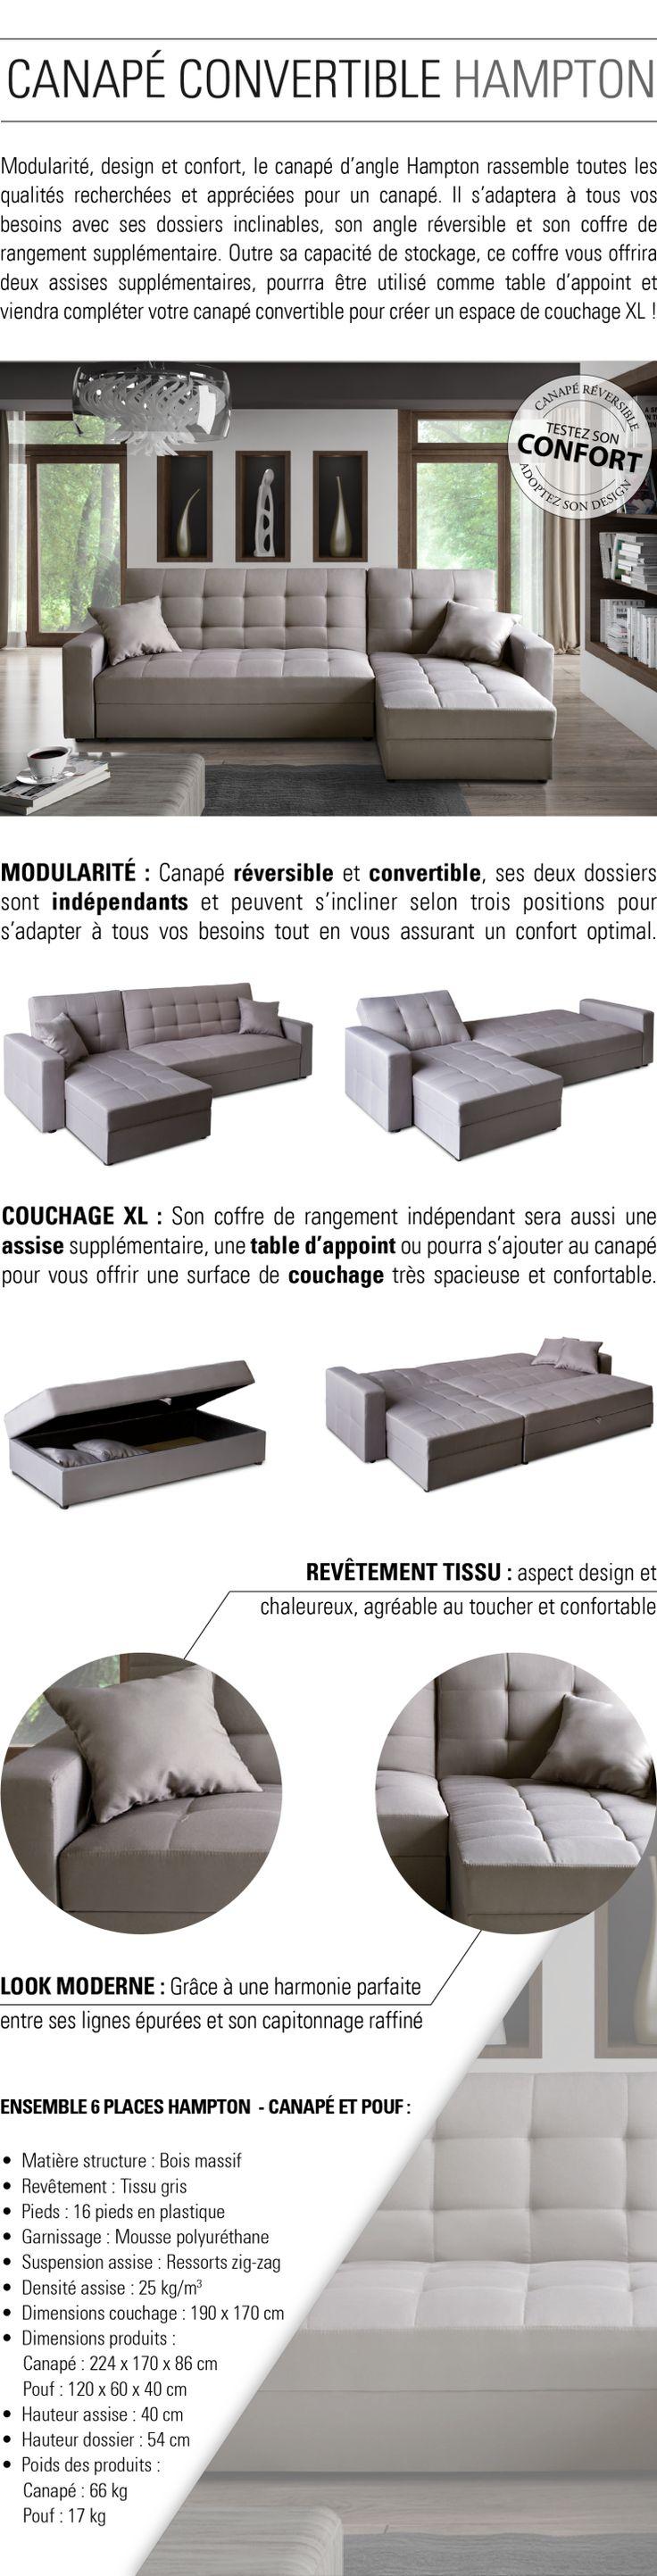 224x170x86cm - Canapé d'angle + 1 pouf - Convertible + coffre de rangement - Fabrication européenne.